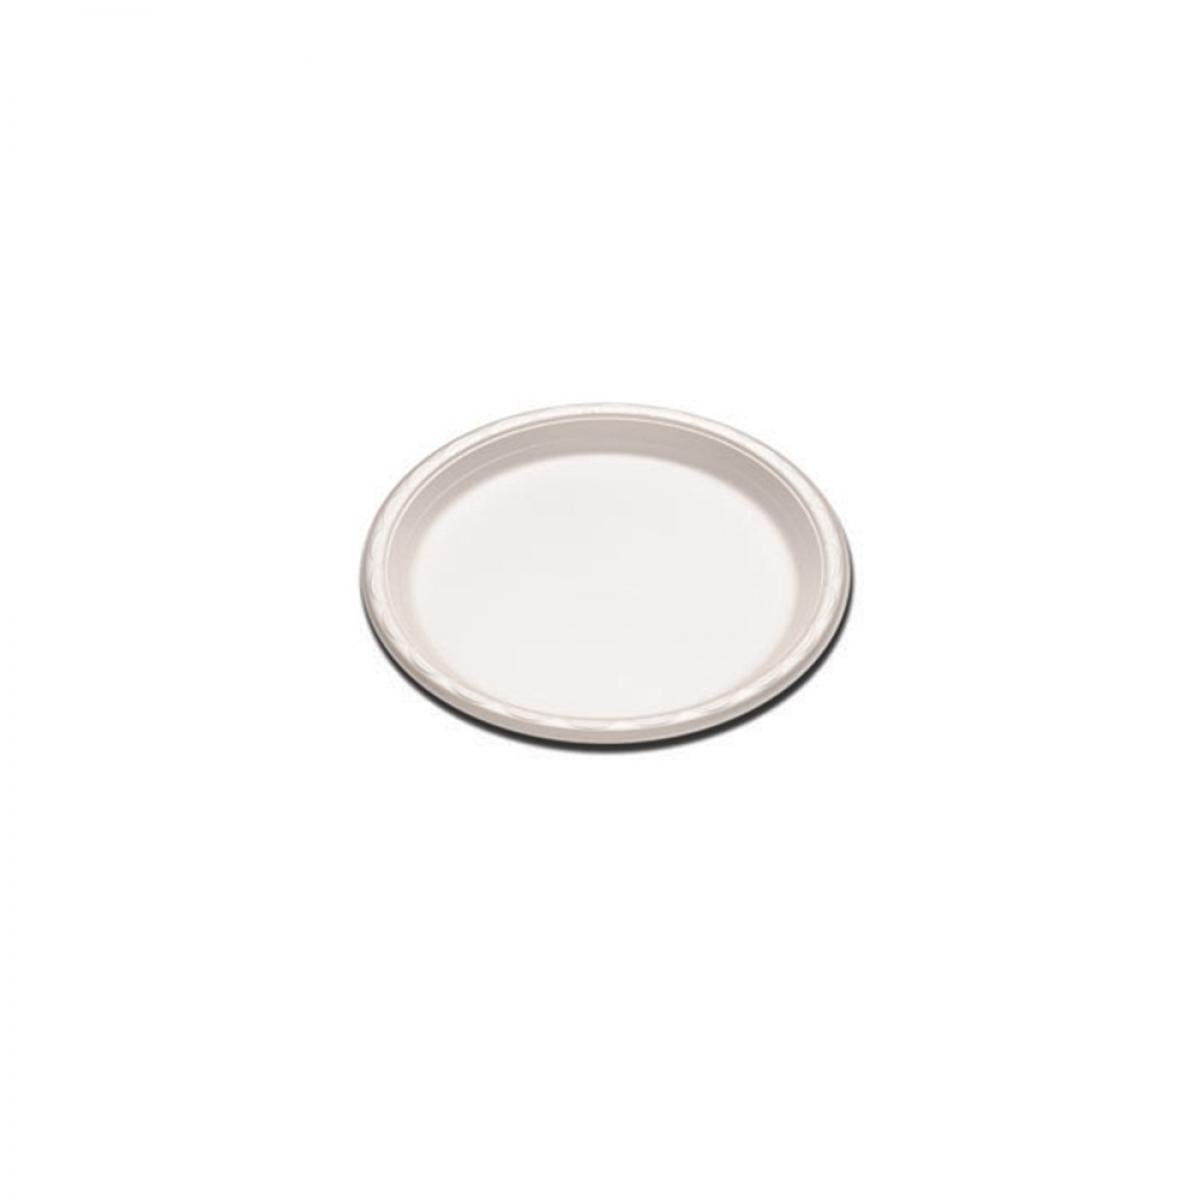 plain foam plate 6 inch